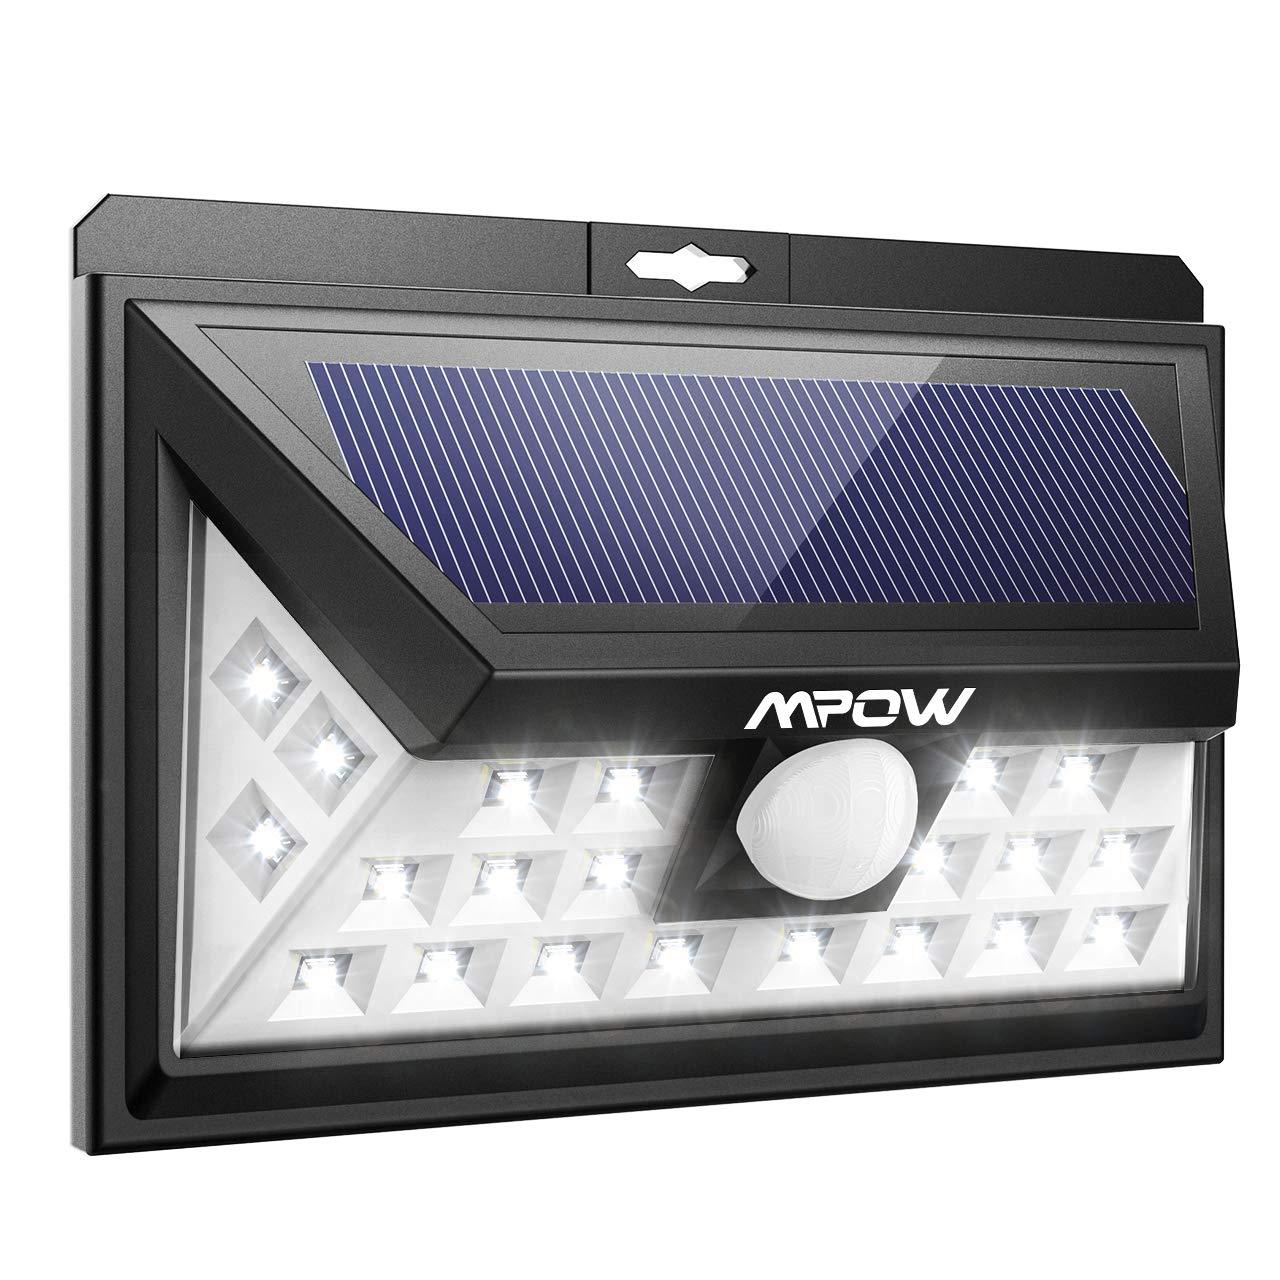 Mpow 24 LED Weitwinkel Solarleuchten Außen Solar Betriebene Außenleuchte, Wandleuchte, Energiesparend (1)